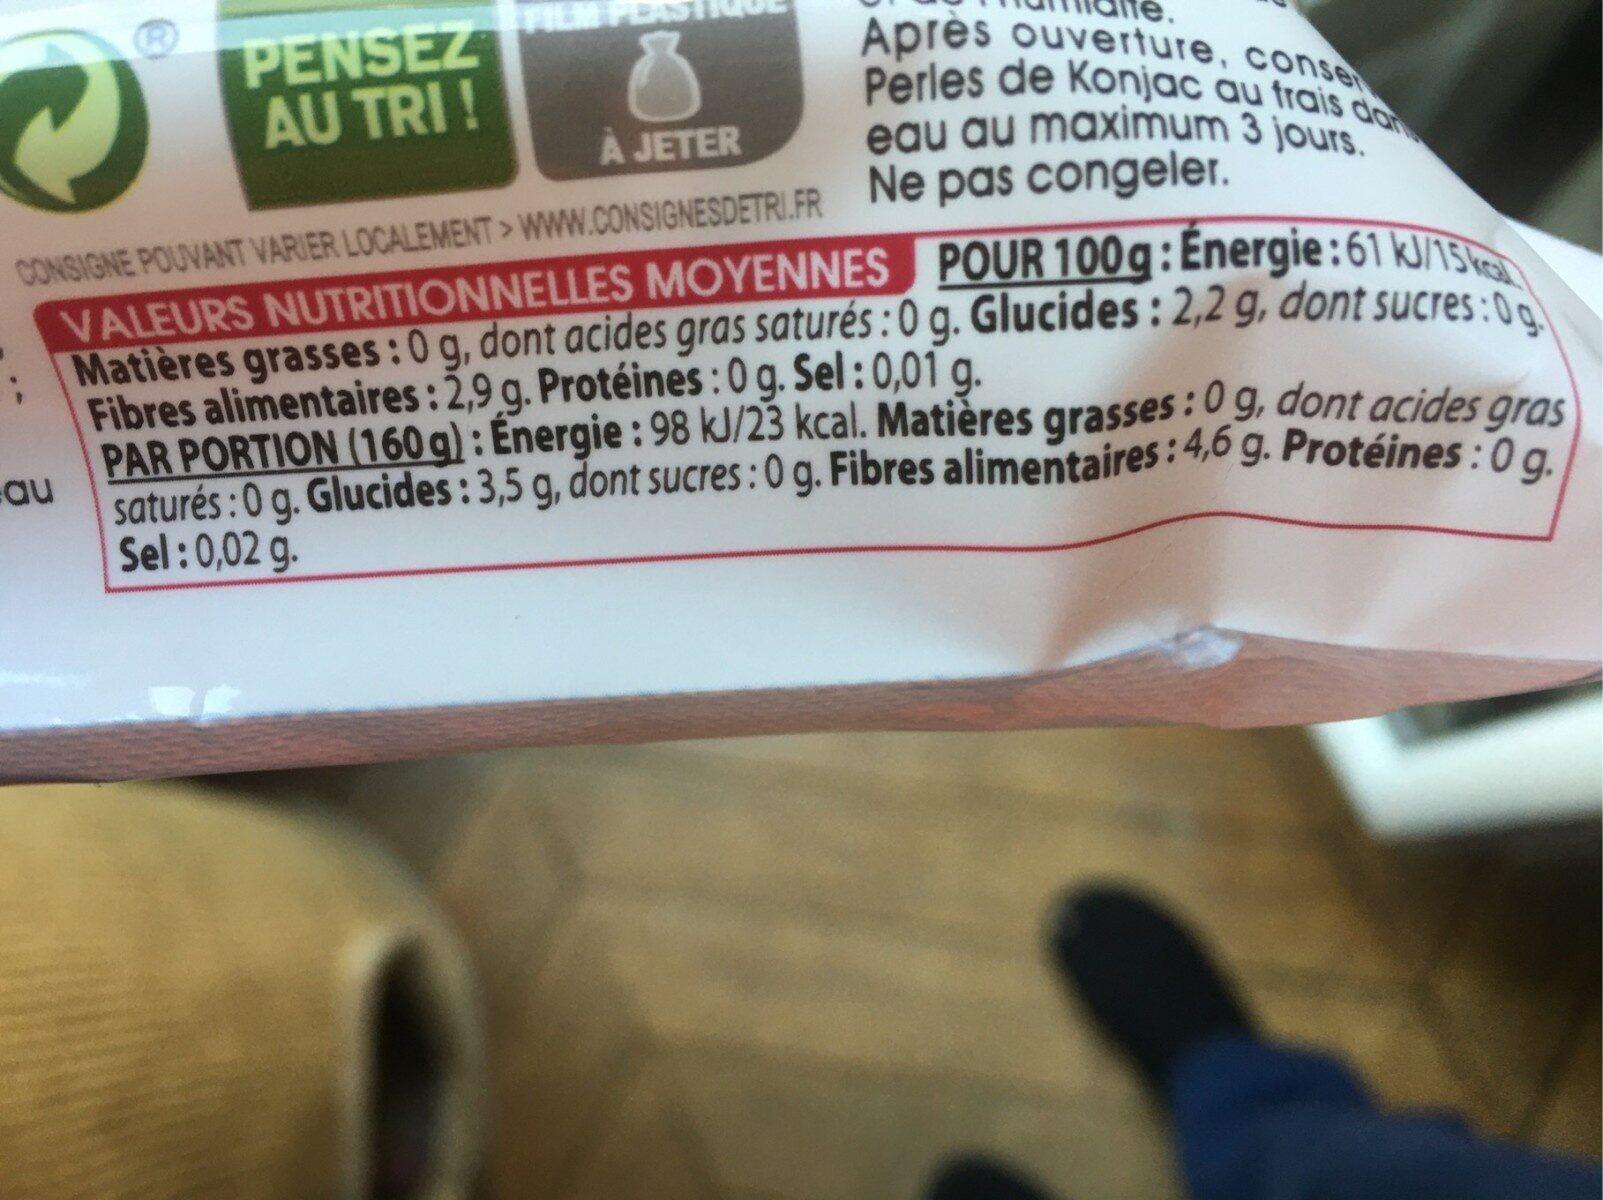 Perles de konjac - Informations nutritionnelles - fr